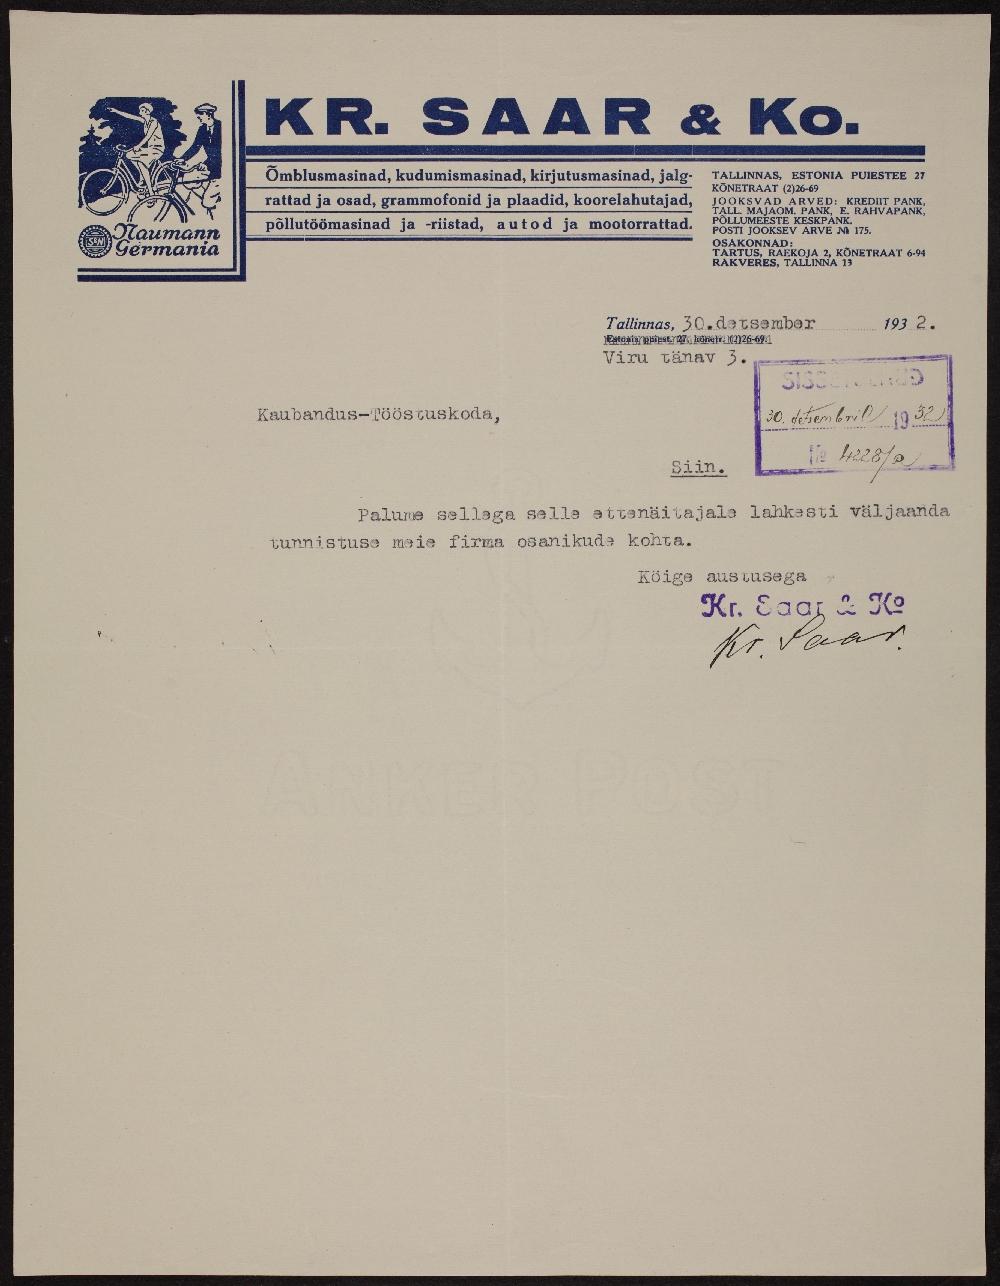 """Väljavõte õmblusmasinate ja jalgrataste kaupluse """"Kr. Saar ja Ko"""" registreerimistoimikust, 30.12.1932. ERA.891.2.2913"""